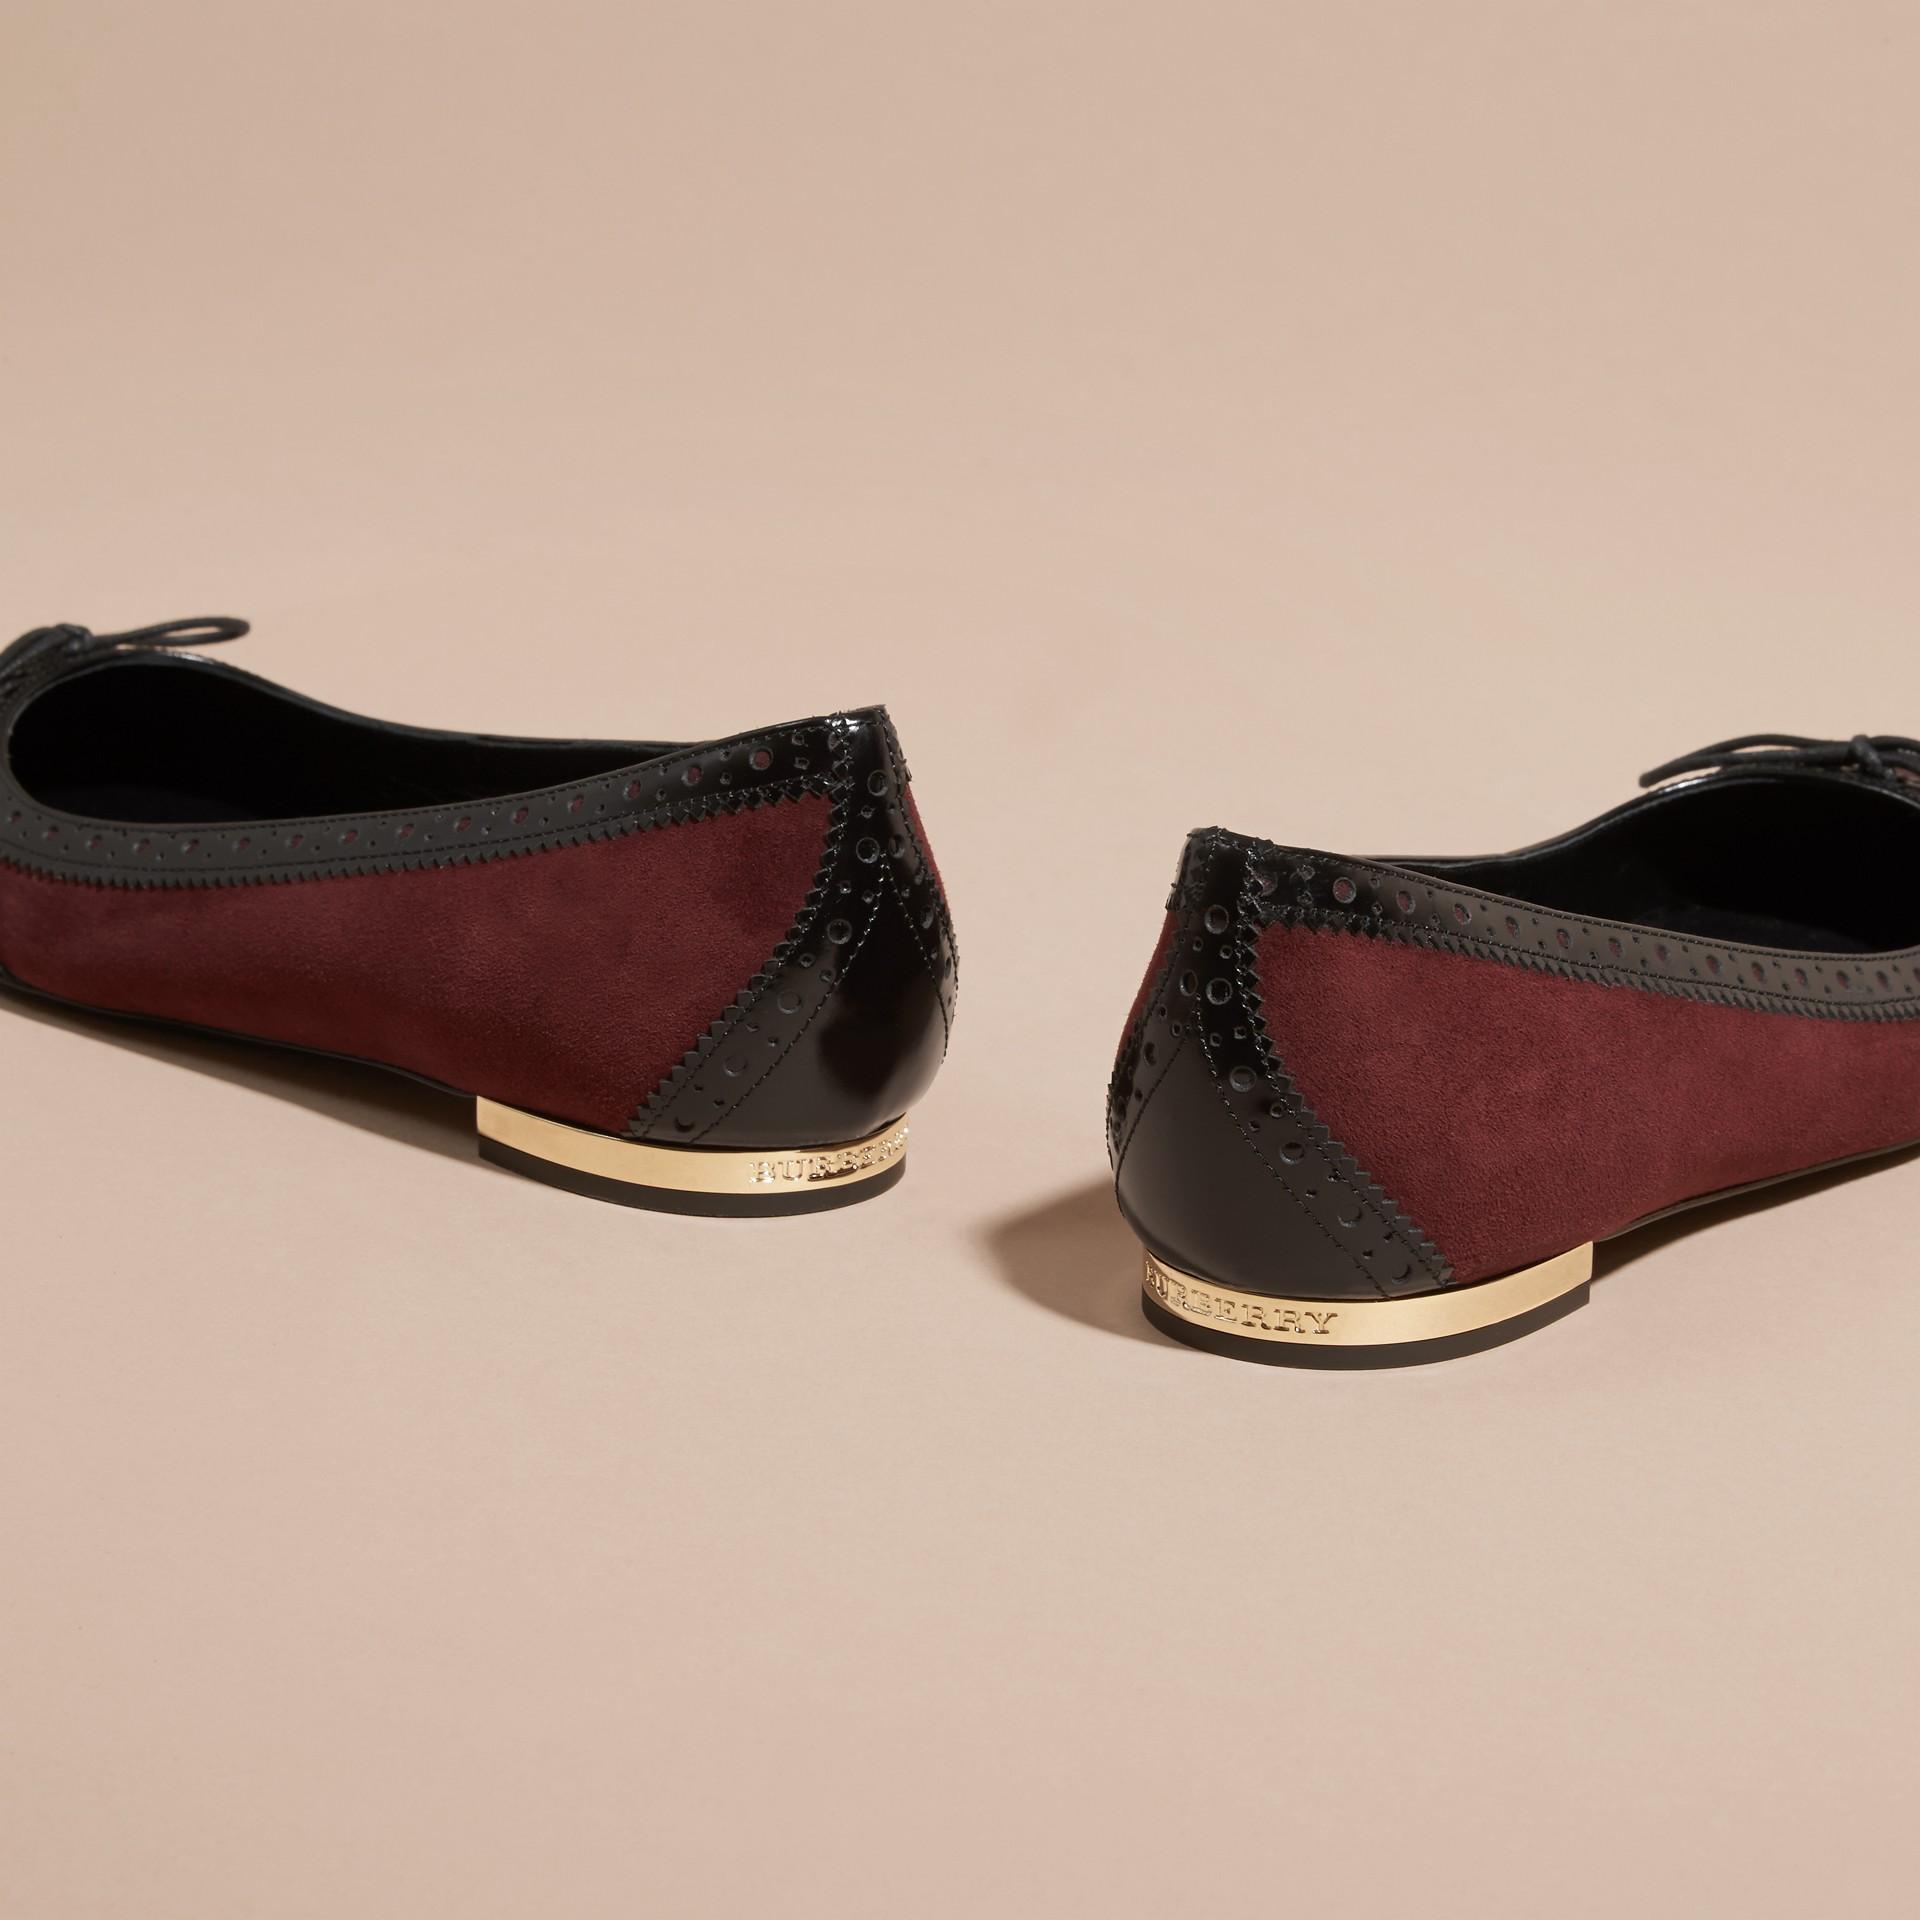 Rojo caoba Bailarinas en piel con detalles de estilo brogue - imagen de la galería 4